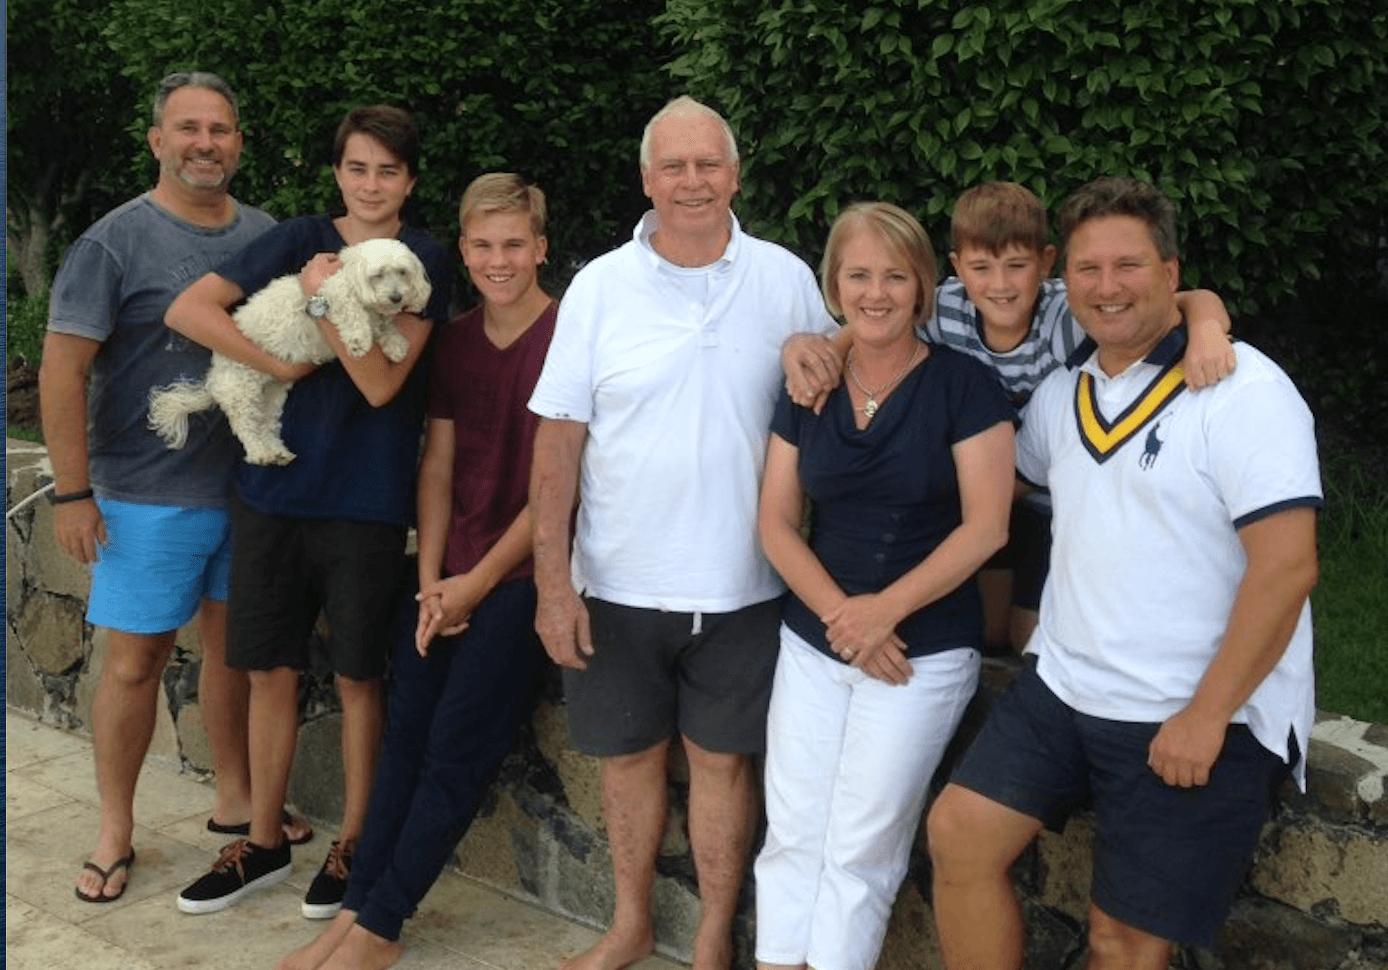 Steve Gregory family